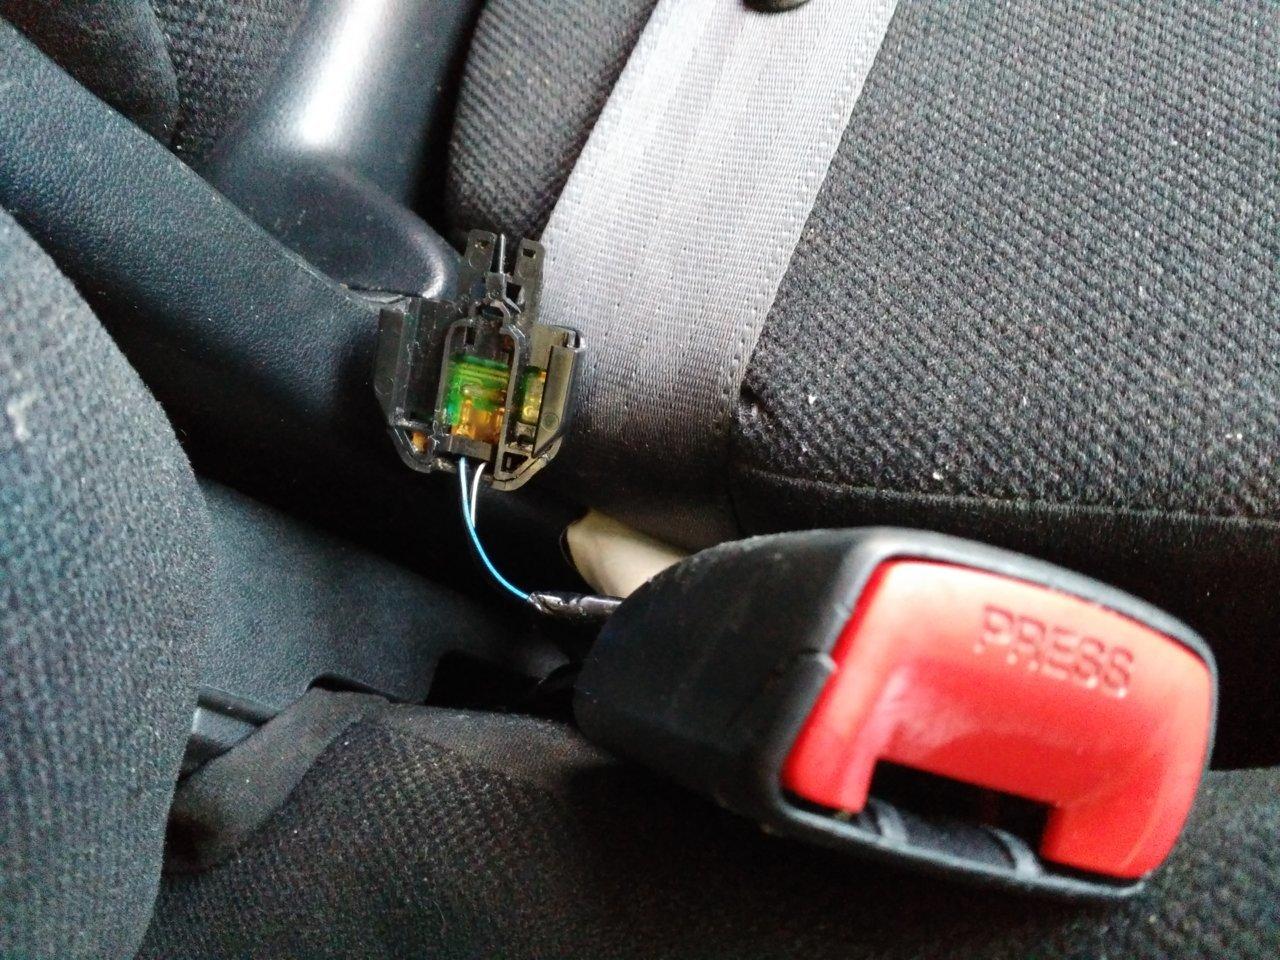 2000 toyota sienna seat belt buckle